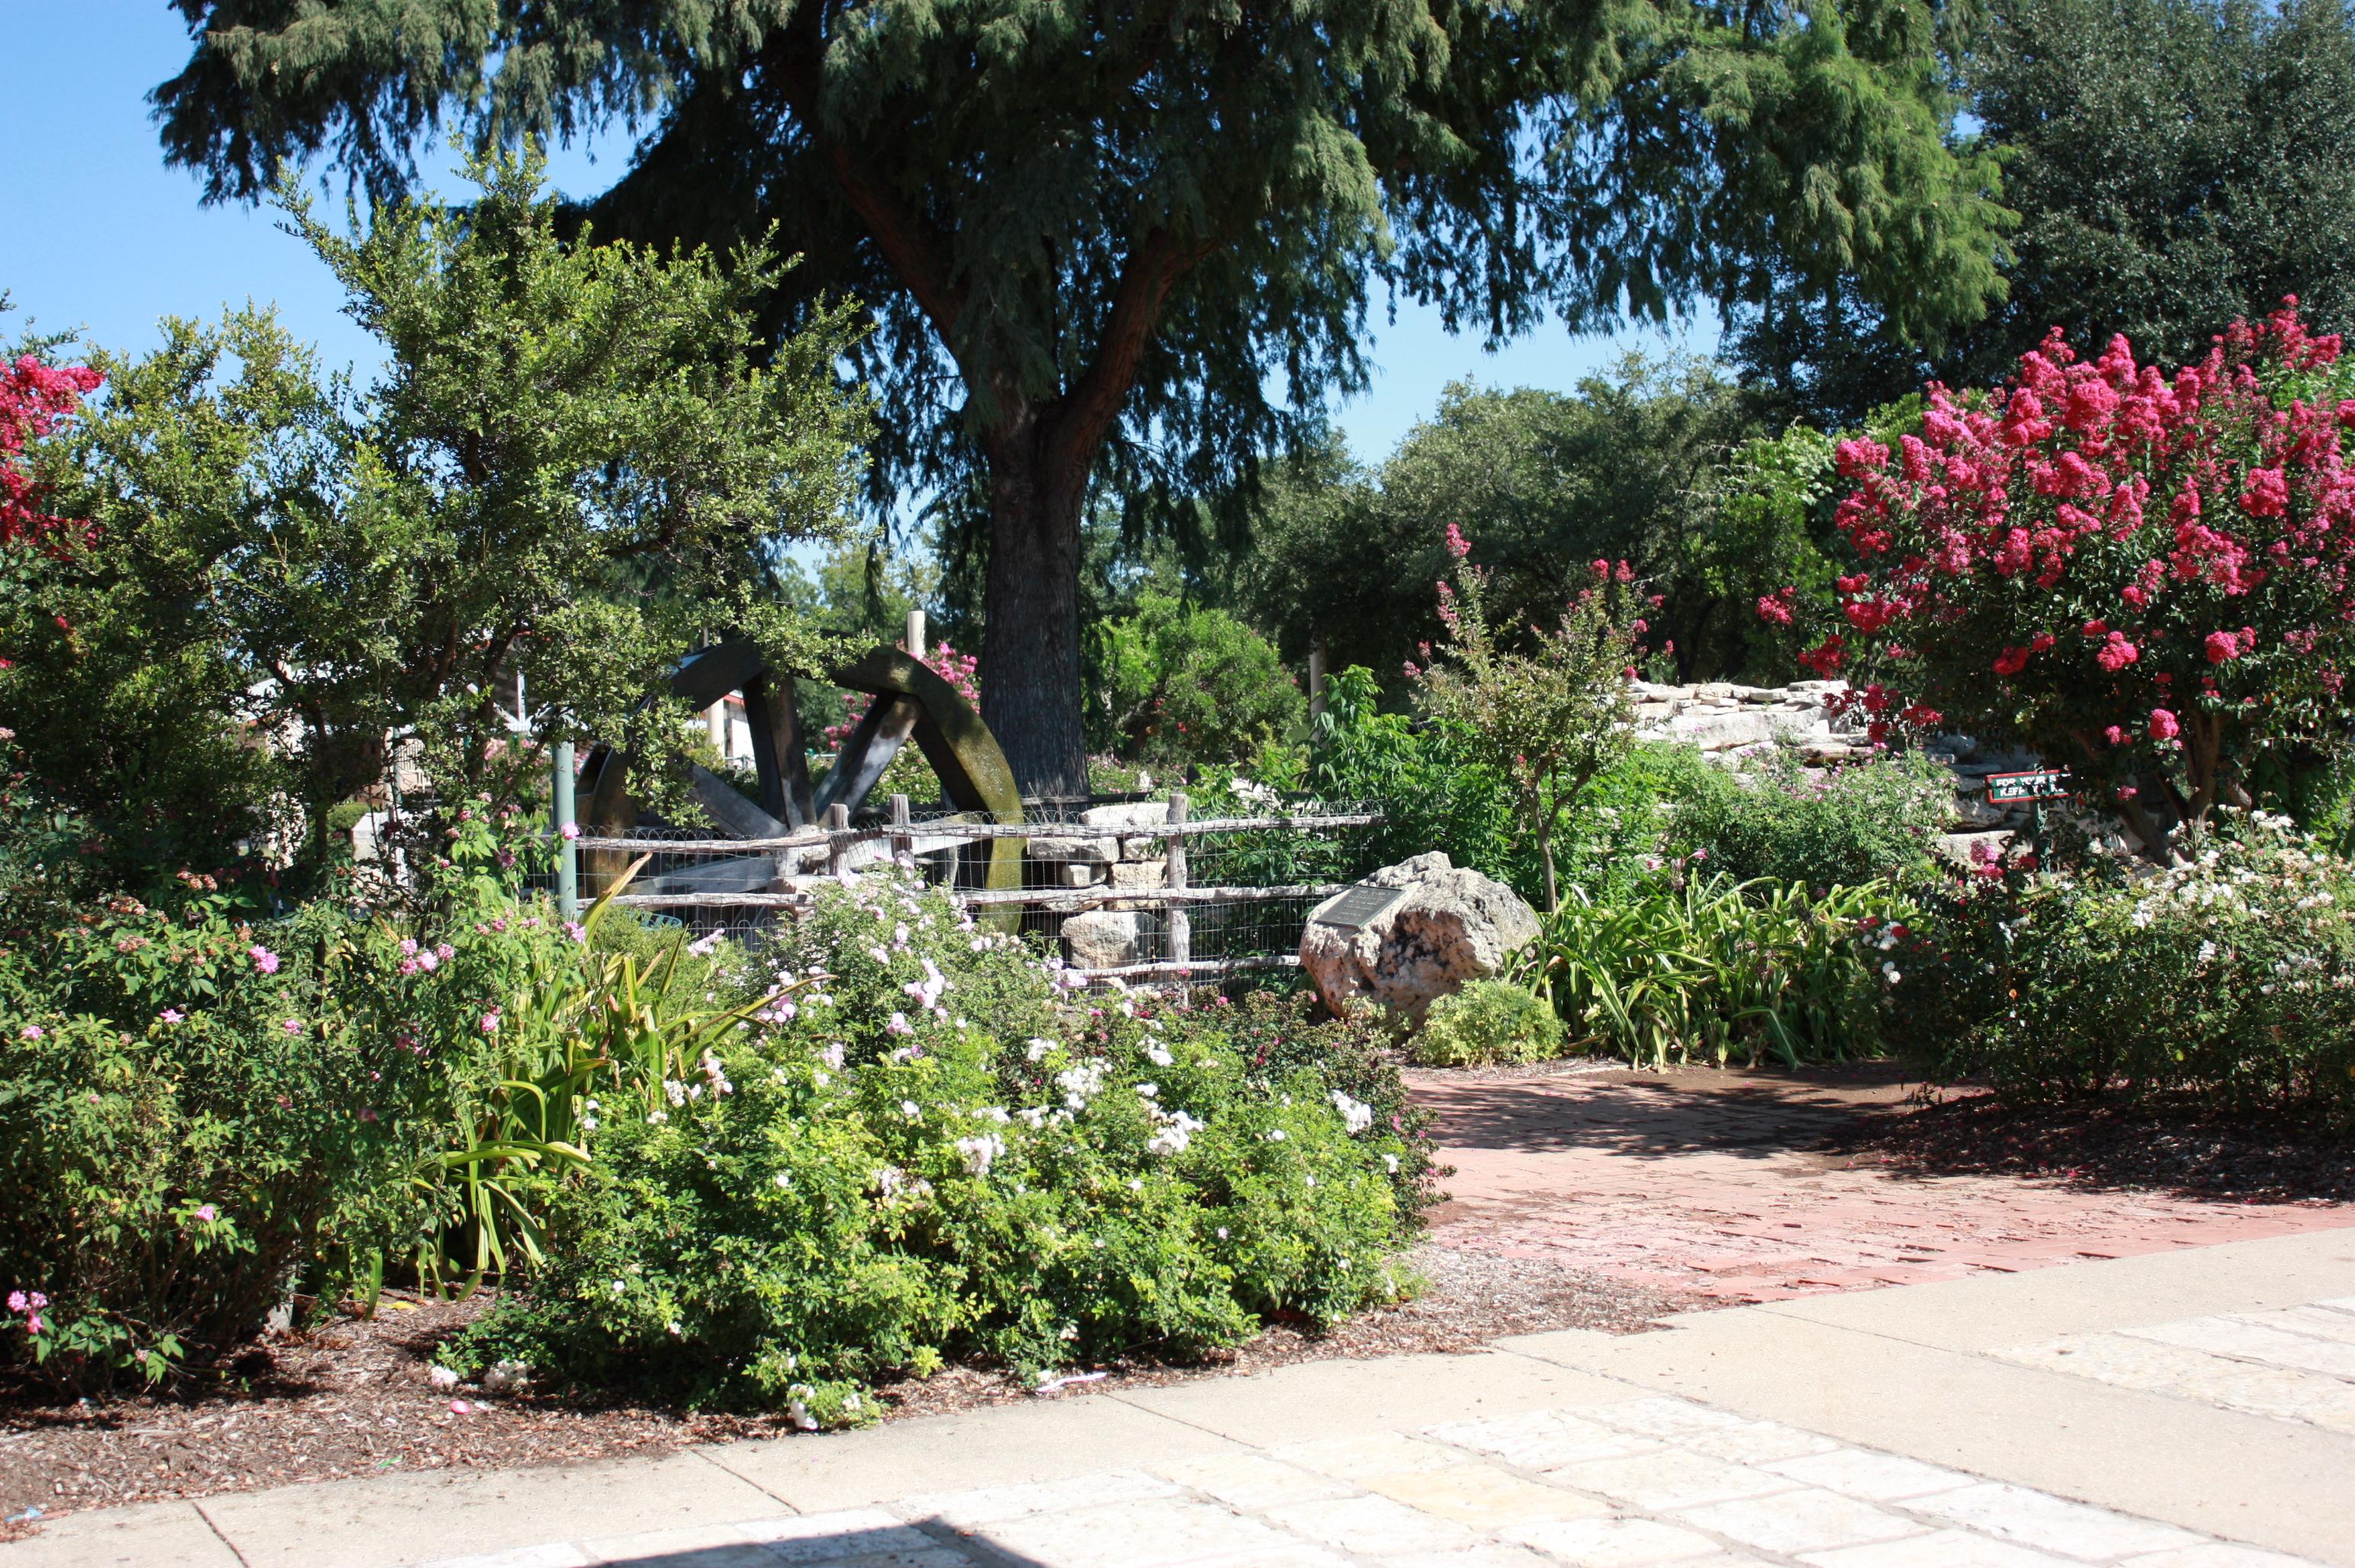 Marktplatz Water Wheel Garden